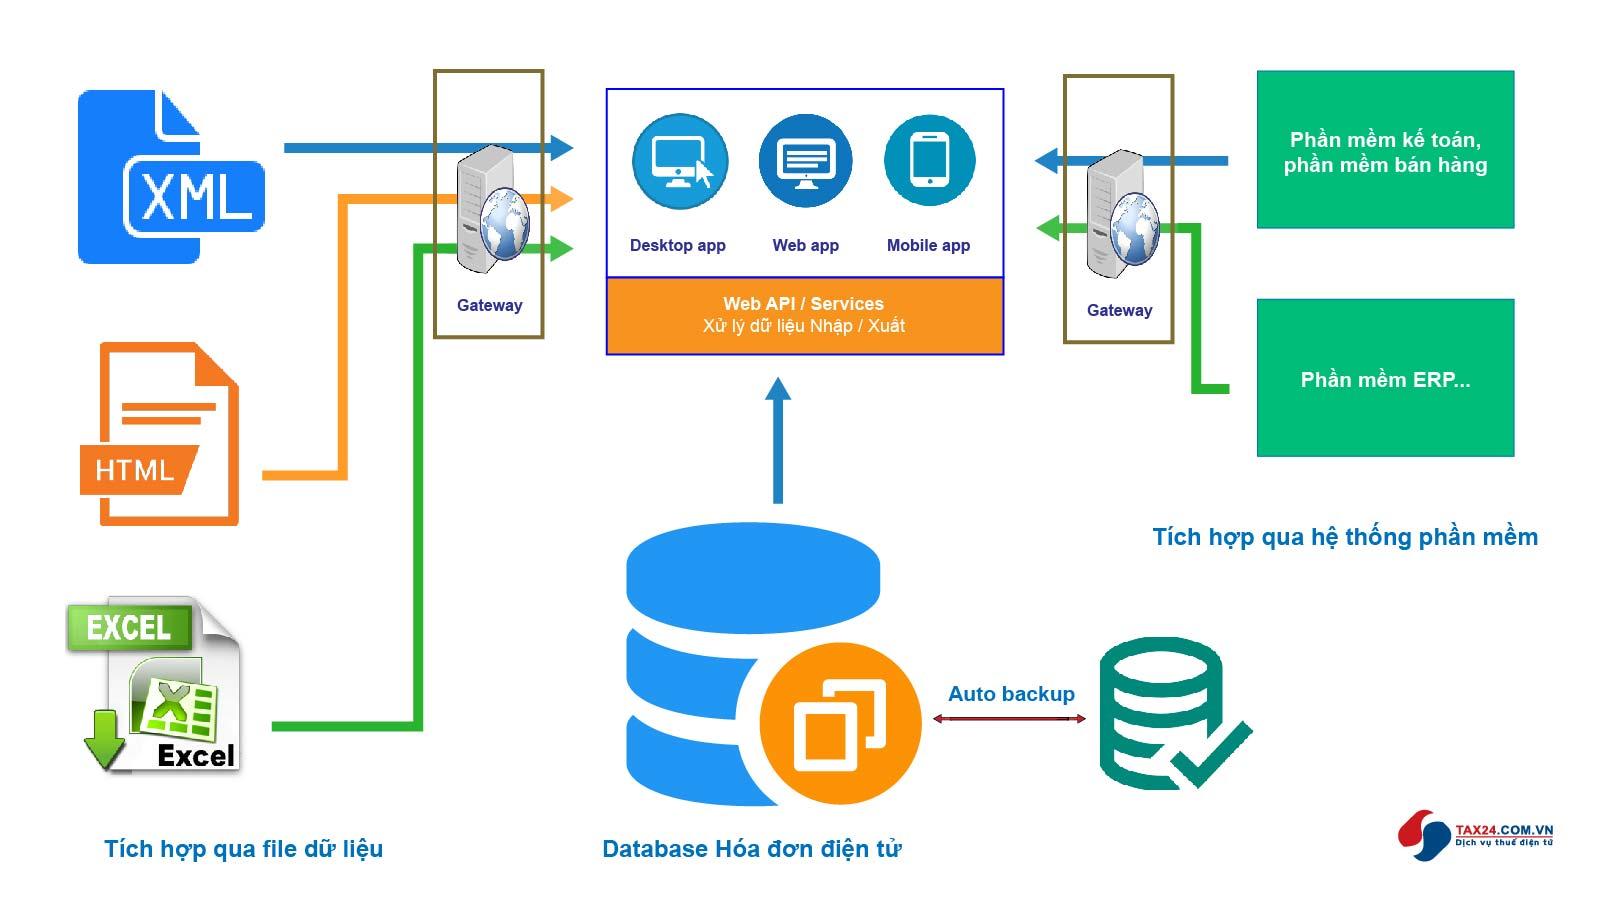 Mô hình tích hợp Hóa đơn điện tử Tax24 - Các phần mềm ERP